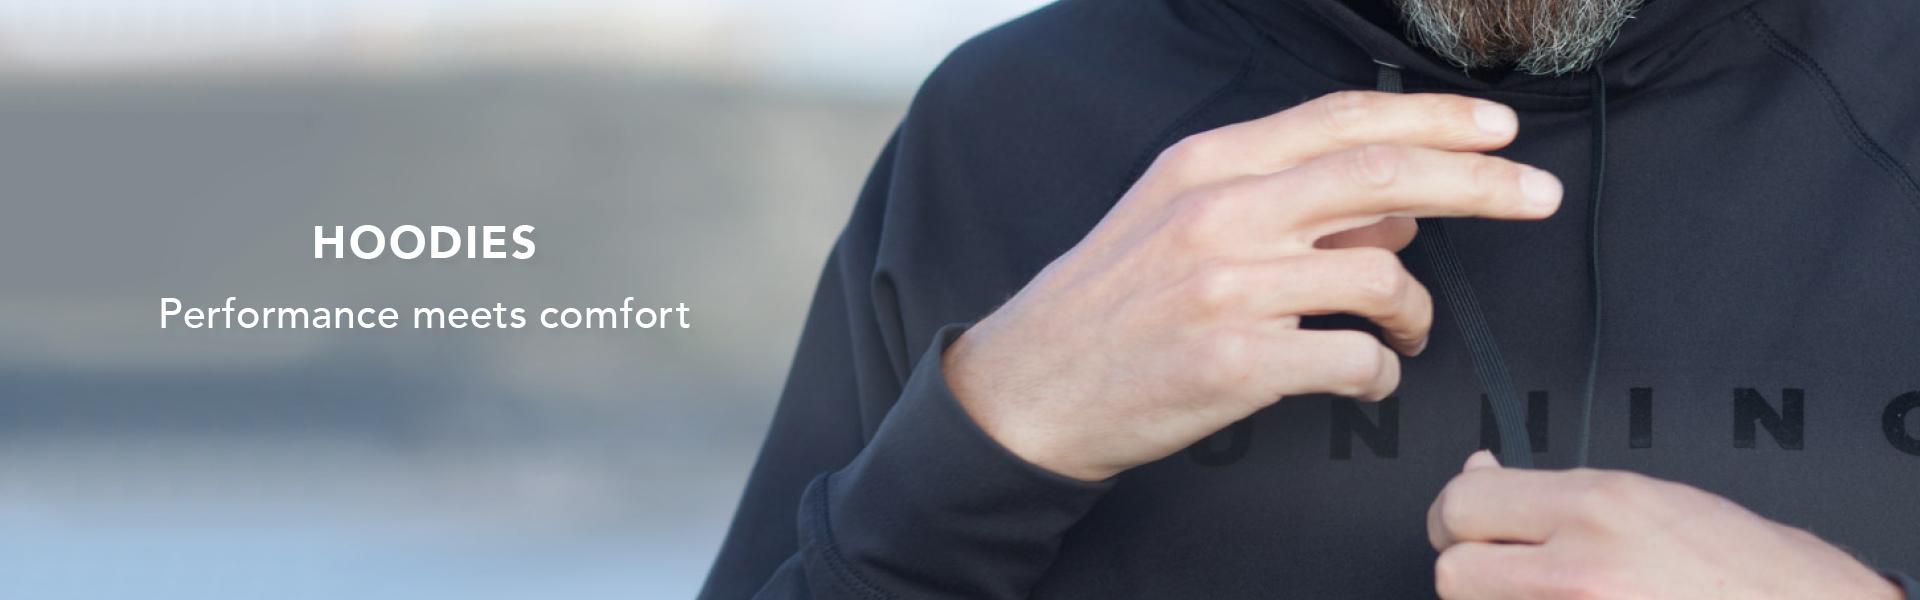 dunning-banner-anchor-sports-hoodies-1.18.jpg